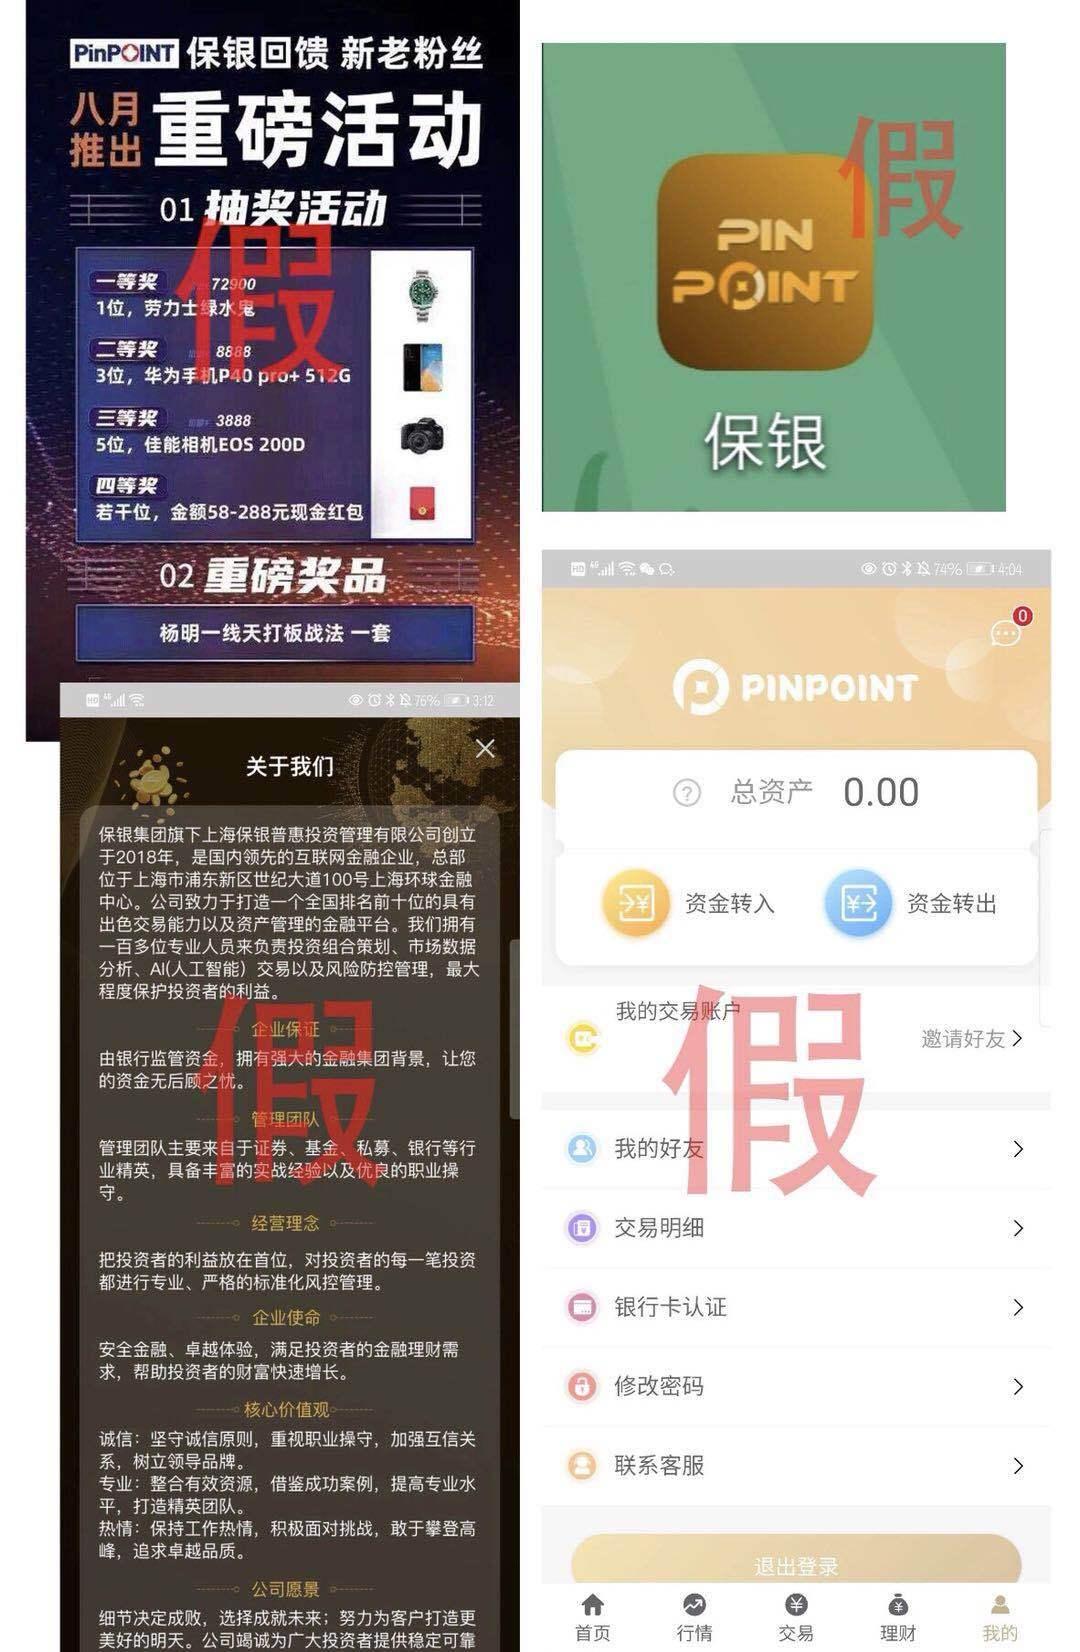 """""""上海老牌百亿私募也中招!网站与APP遭股市骗子冒用,诱骗股民都有相似套路"""